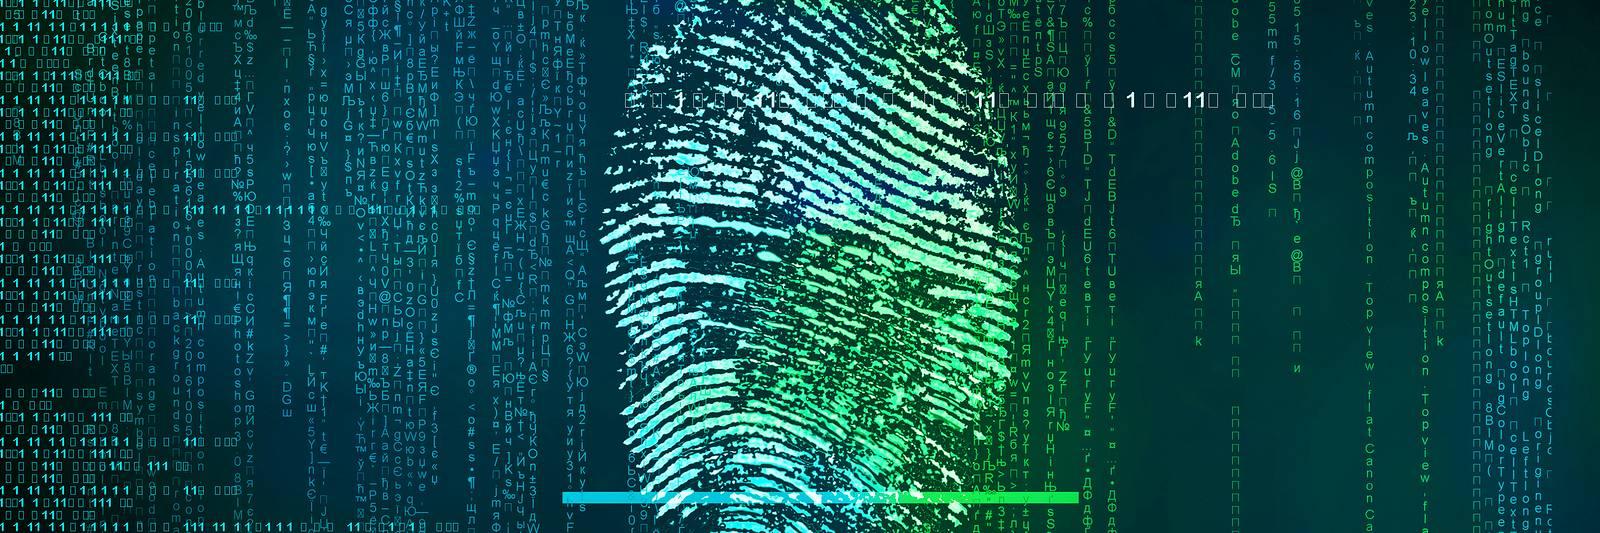 What Are Biometrics?